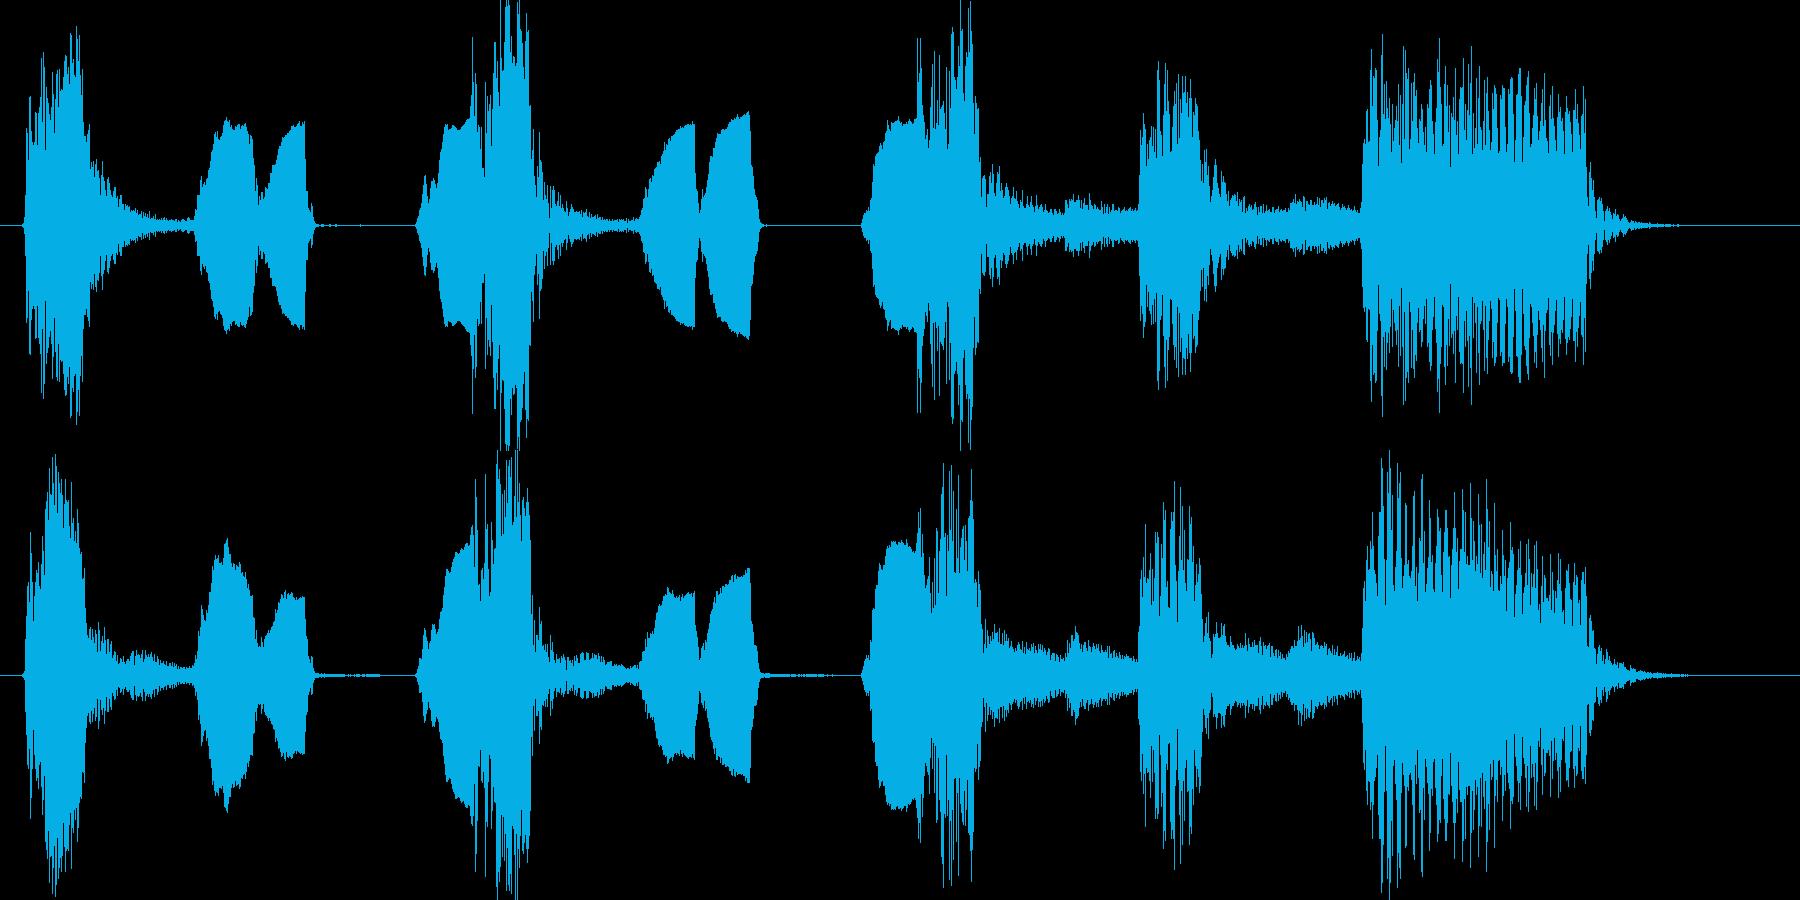 琴尺八でかわいいコミカルジングルの再生済みの波形